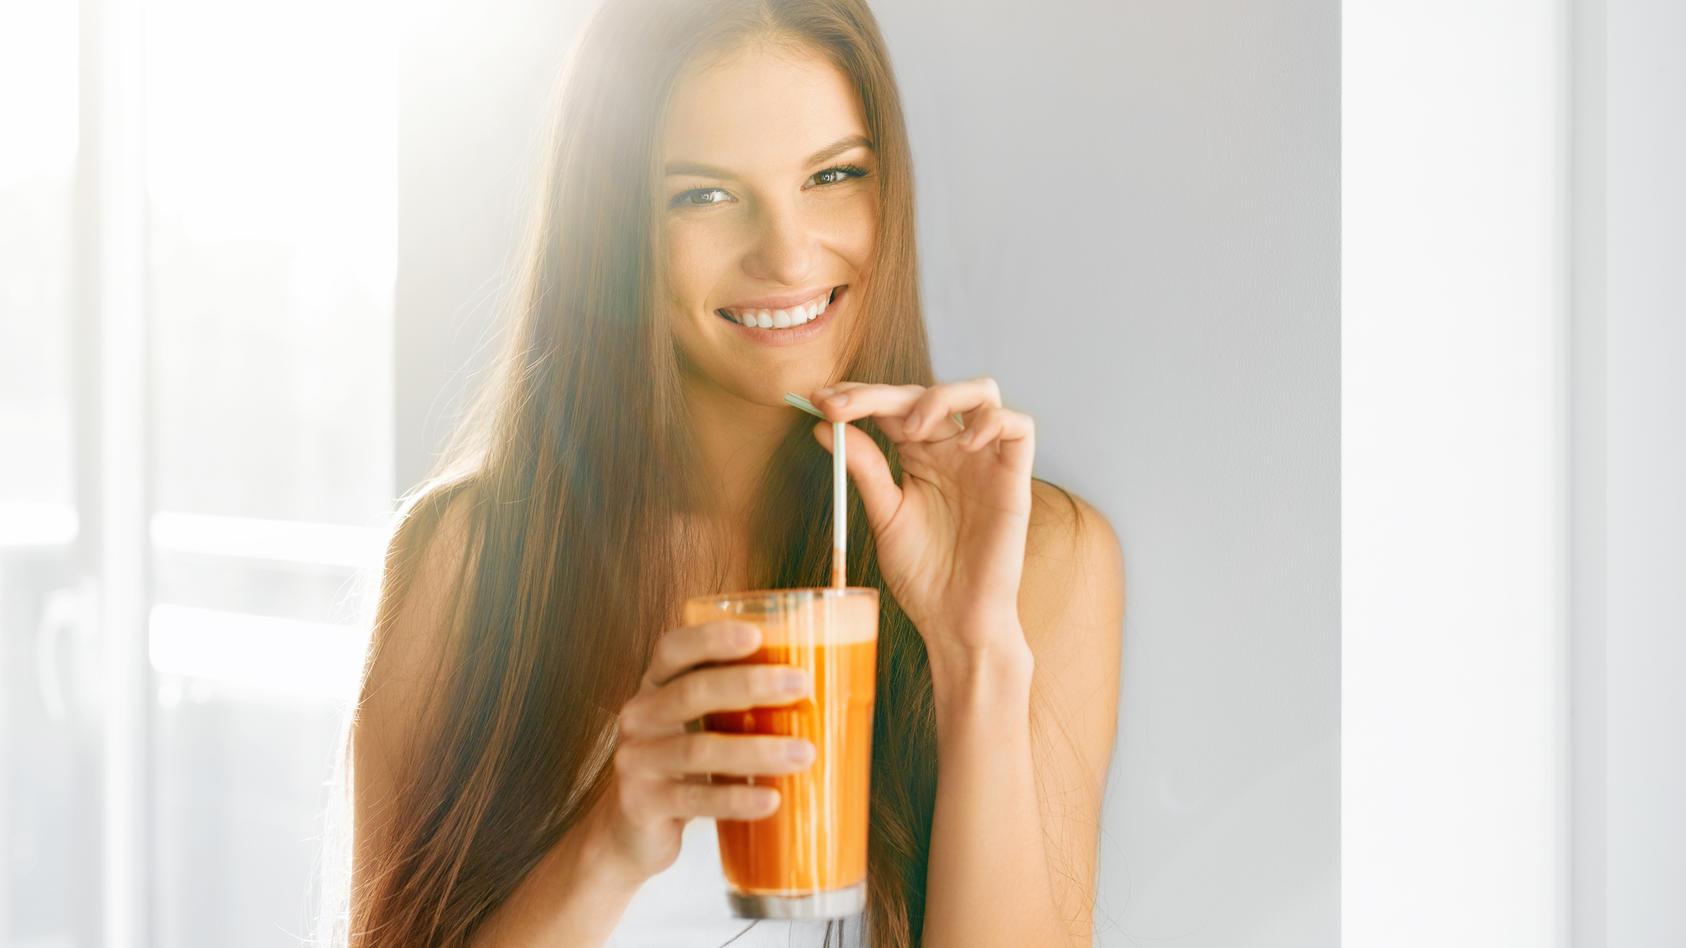 Carotinoidhaltige Lebensmittel wie Möhren und Co. in hohen Mengen sorgen für braunere Haut.